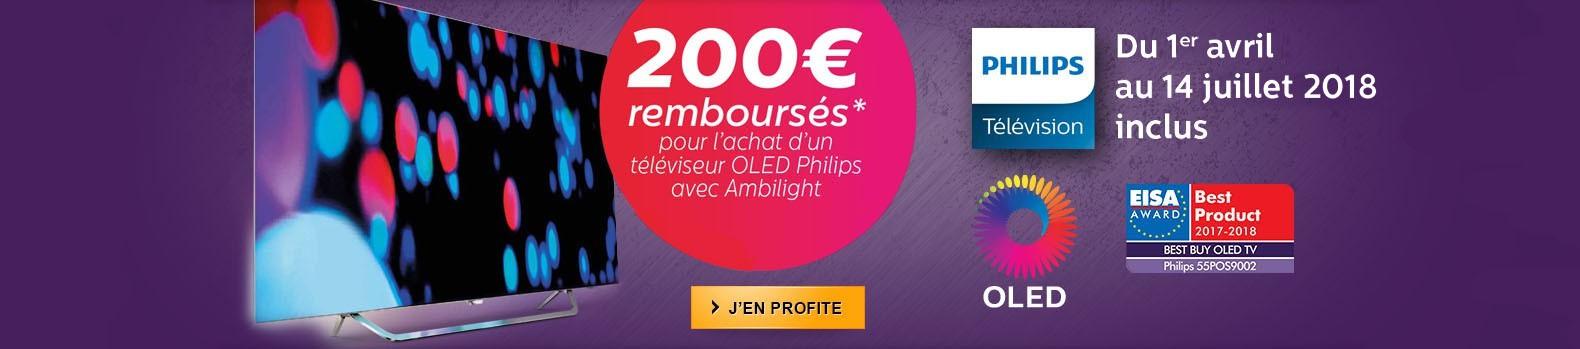 Philips vous rembourse 200€ sur l'achat d'un téléviseur OLED 55POS9002